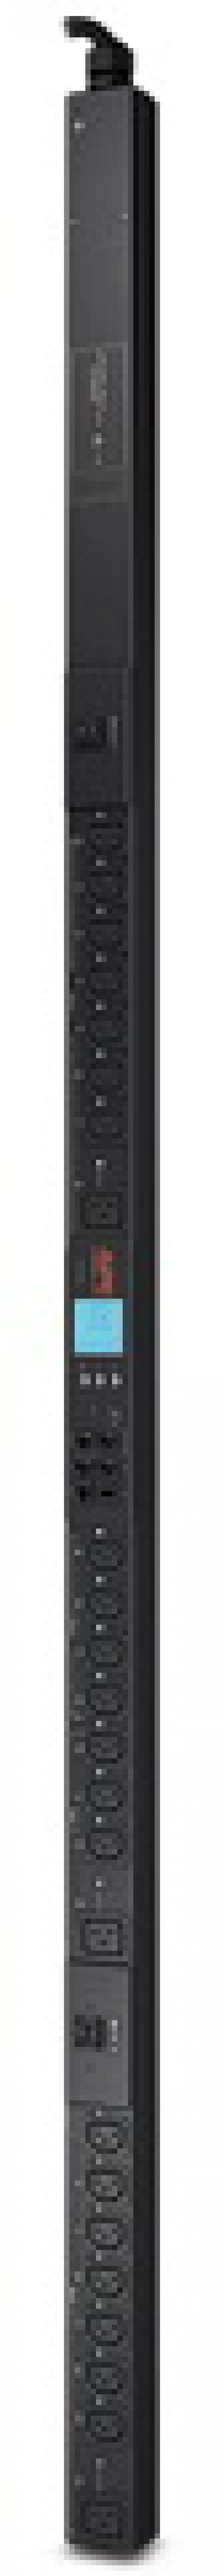 все цены на Блок распределения питания APC Rack PDU 2G Switched ZeroU 32A 230V 21хC13 3хC19 AP8953